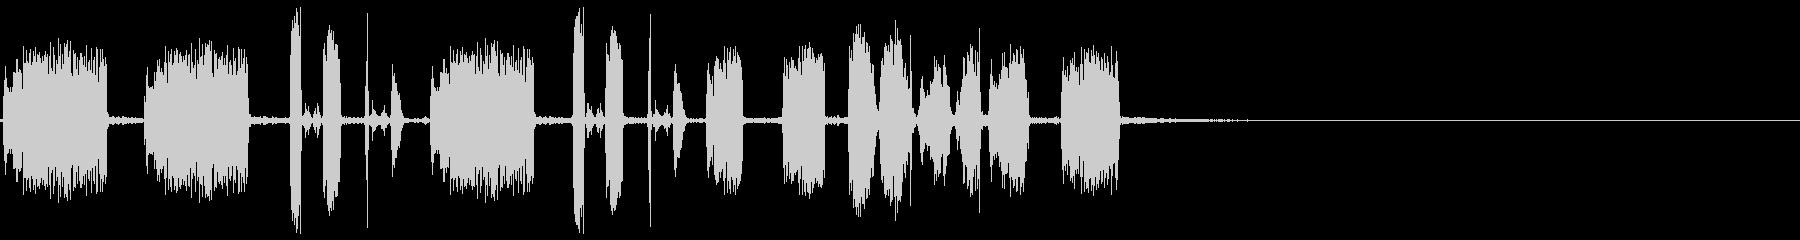 シンプルなスクラッチ音の未再生の波形